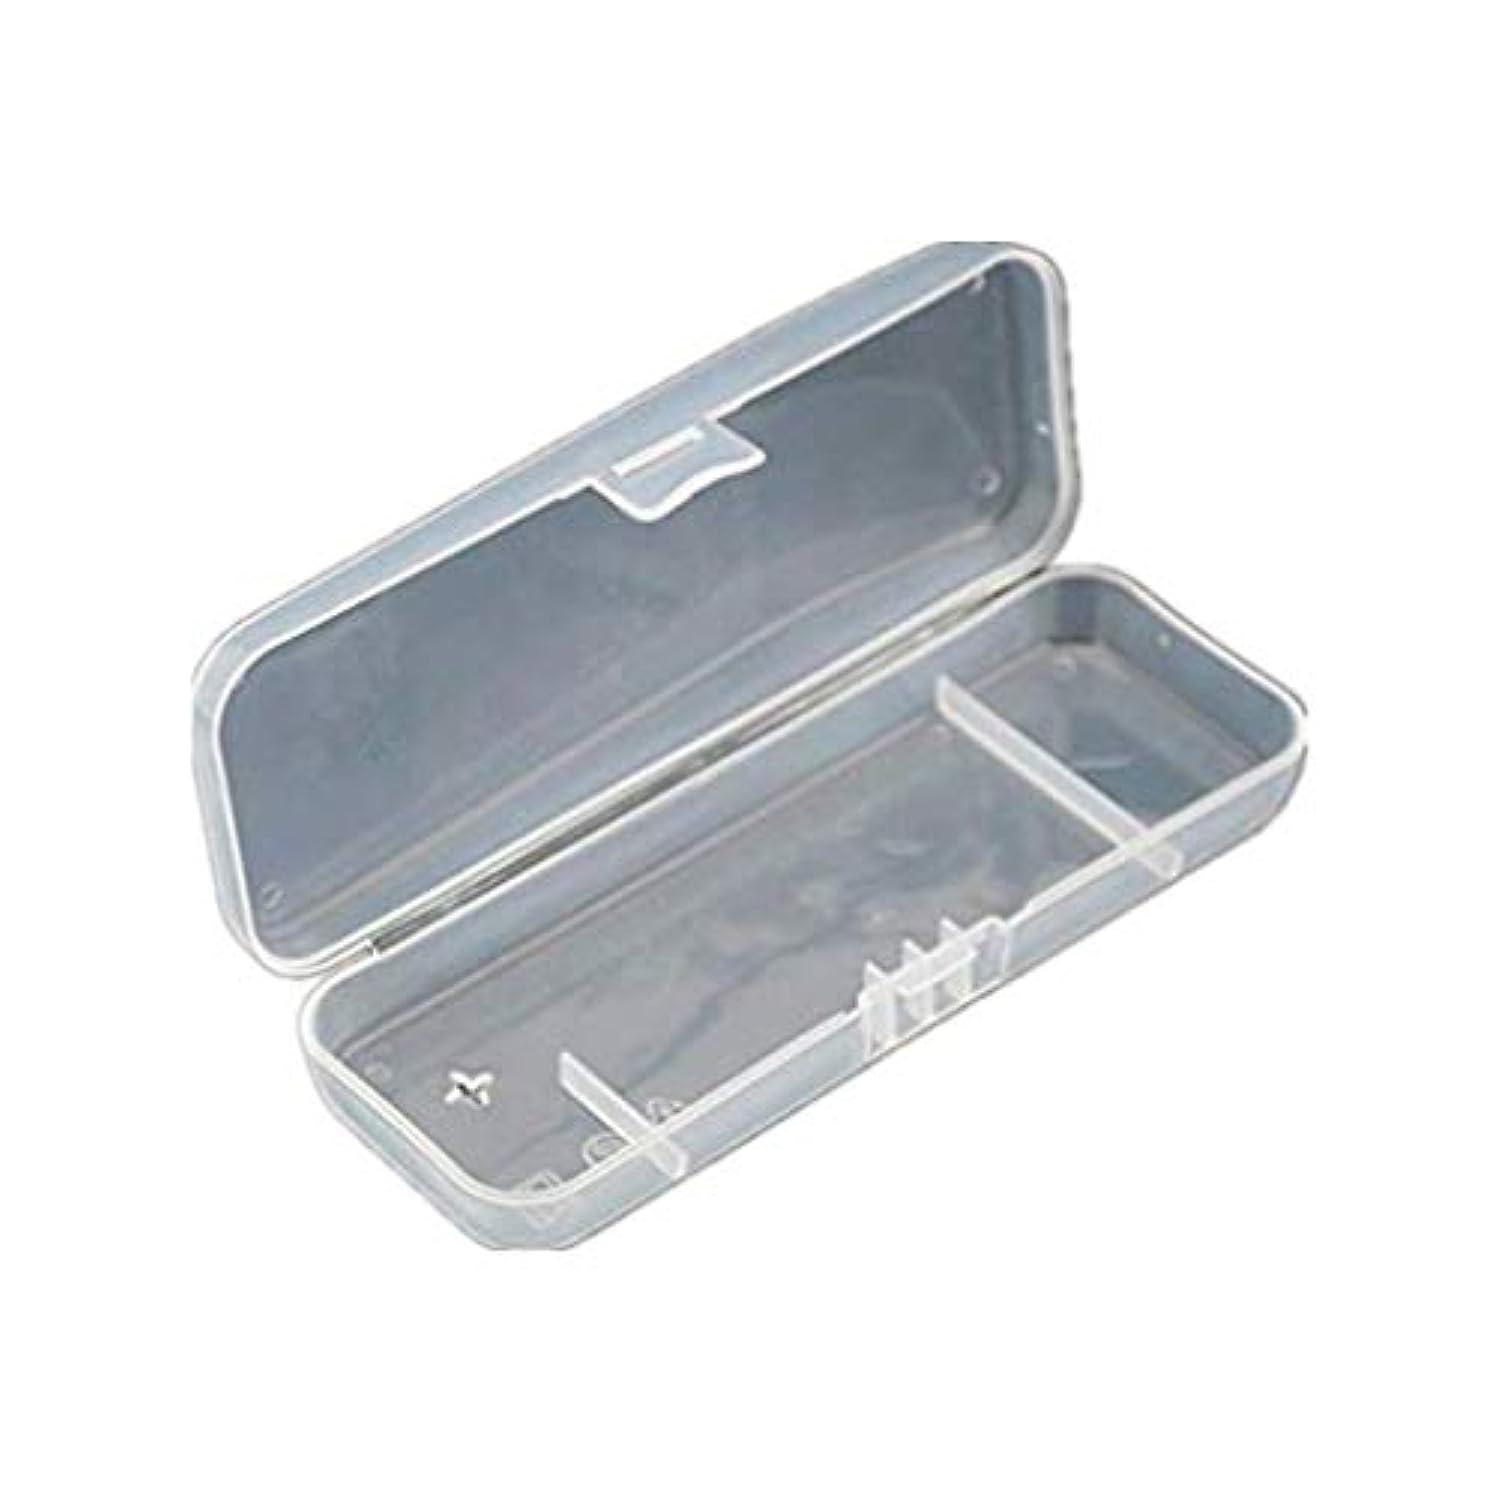 厳しい無駄だフリース旅行のためのポータブルトラベルABSカバーマニュアルレイザー保護透明ボックスホルダーカバー男性シェービングケース